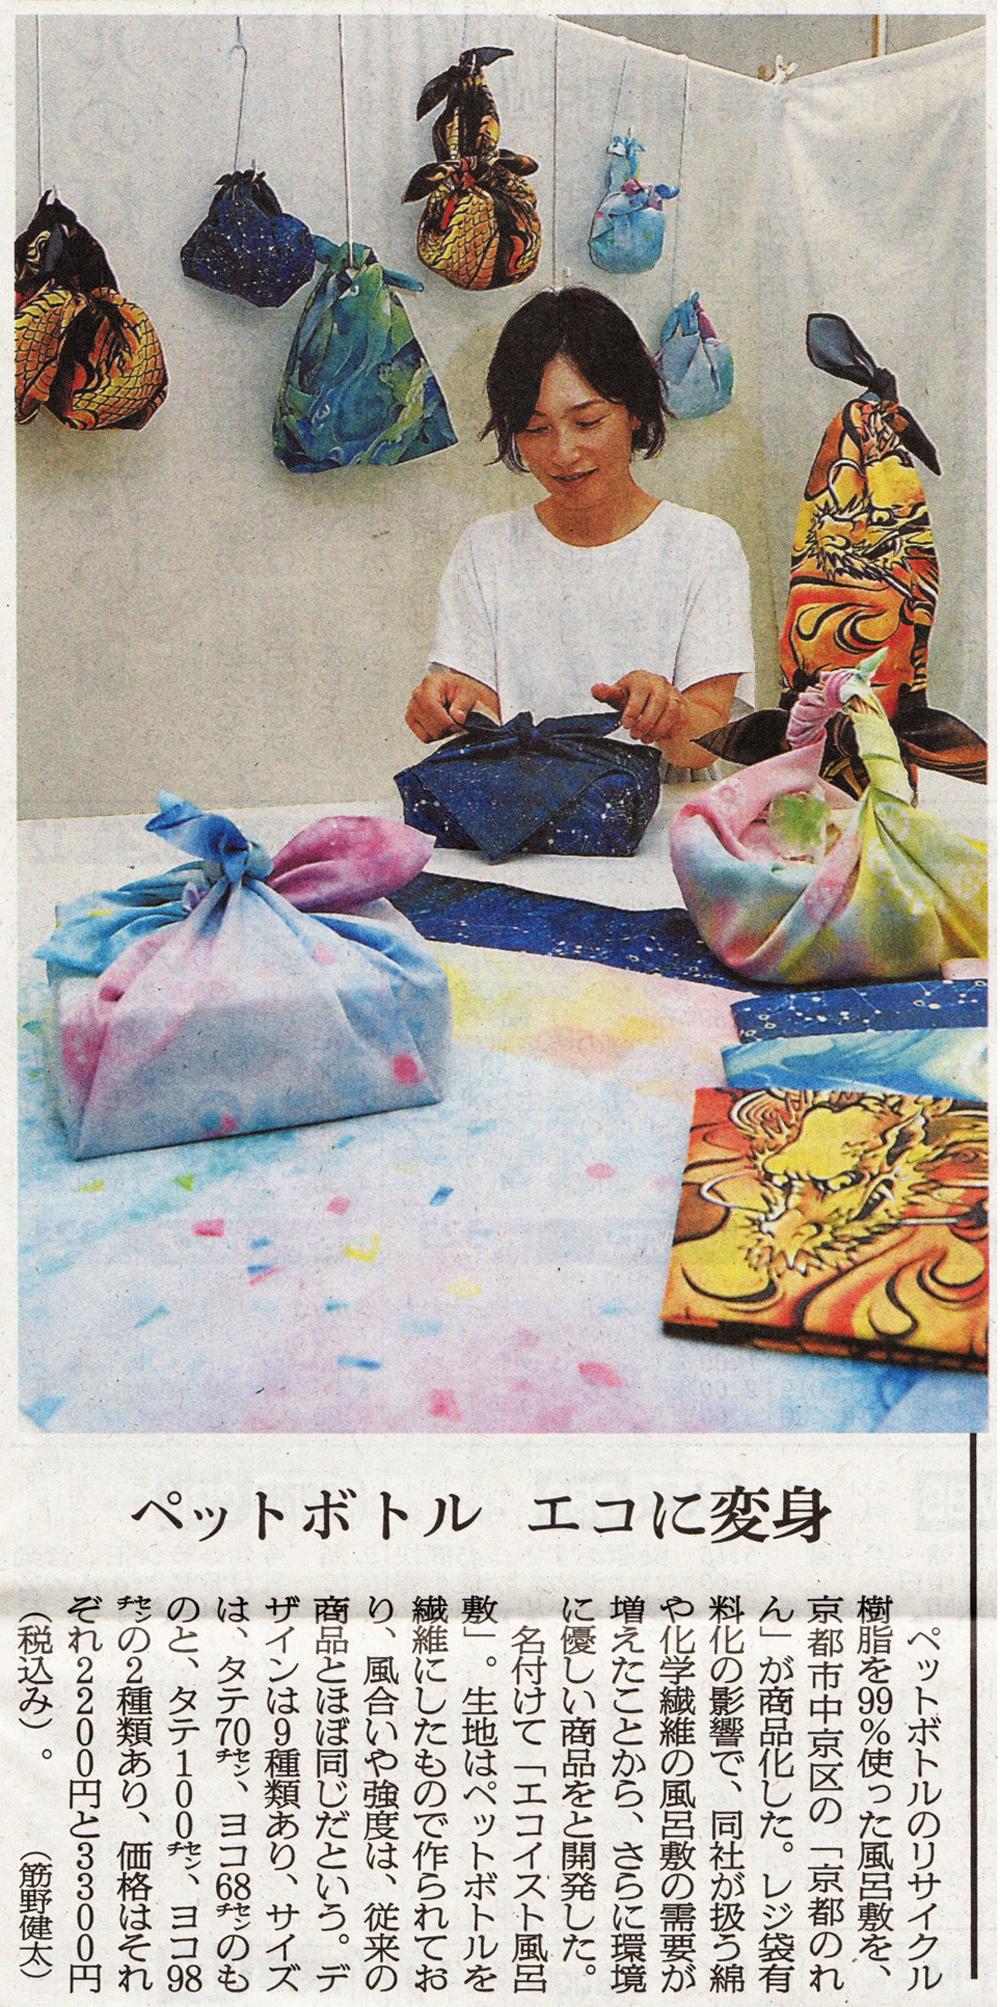 エコ風呂敷が朝日新聞に掲載されました。